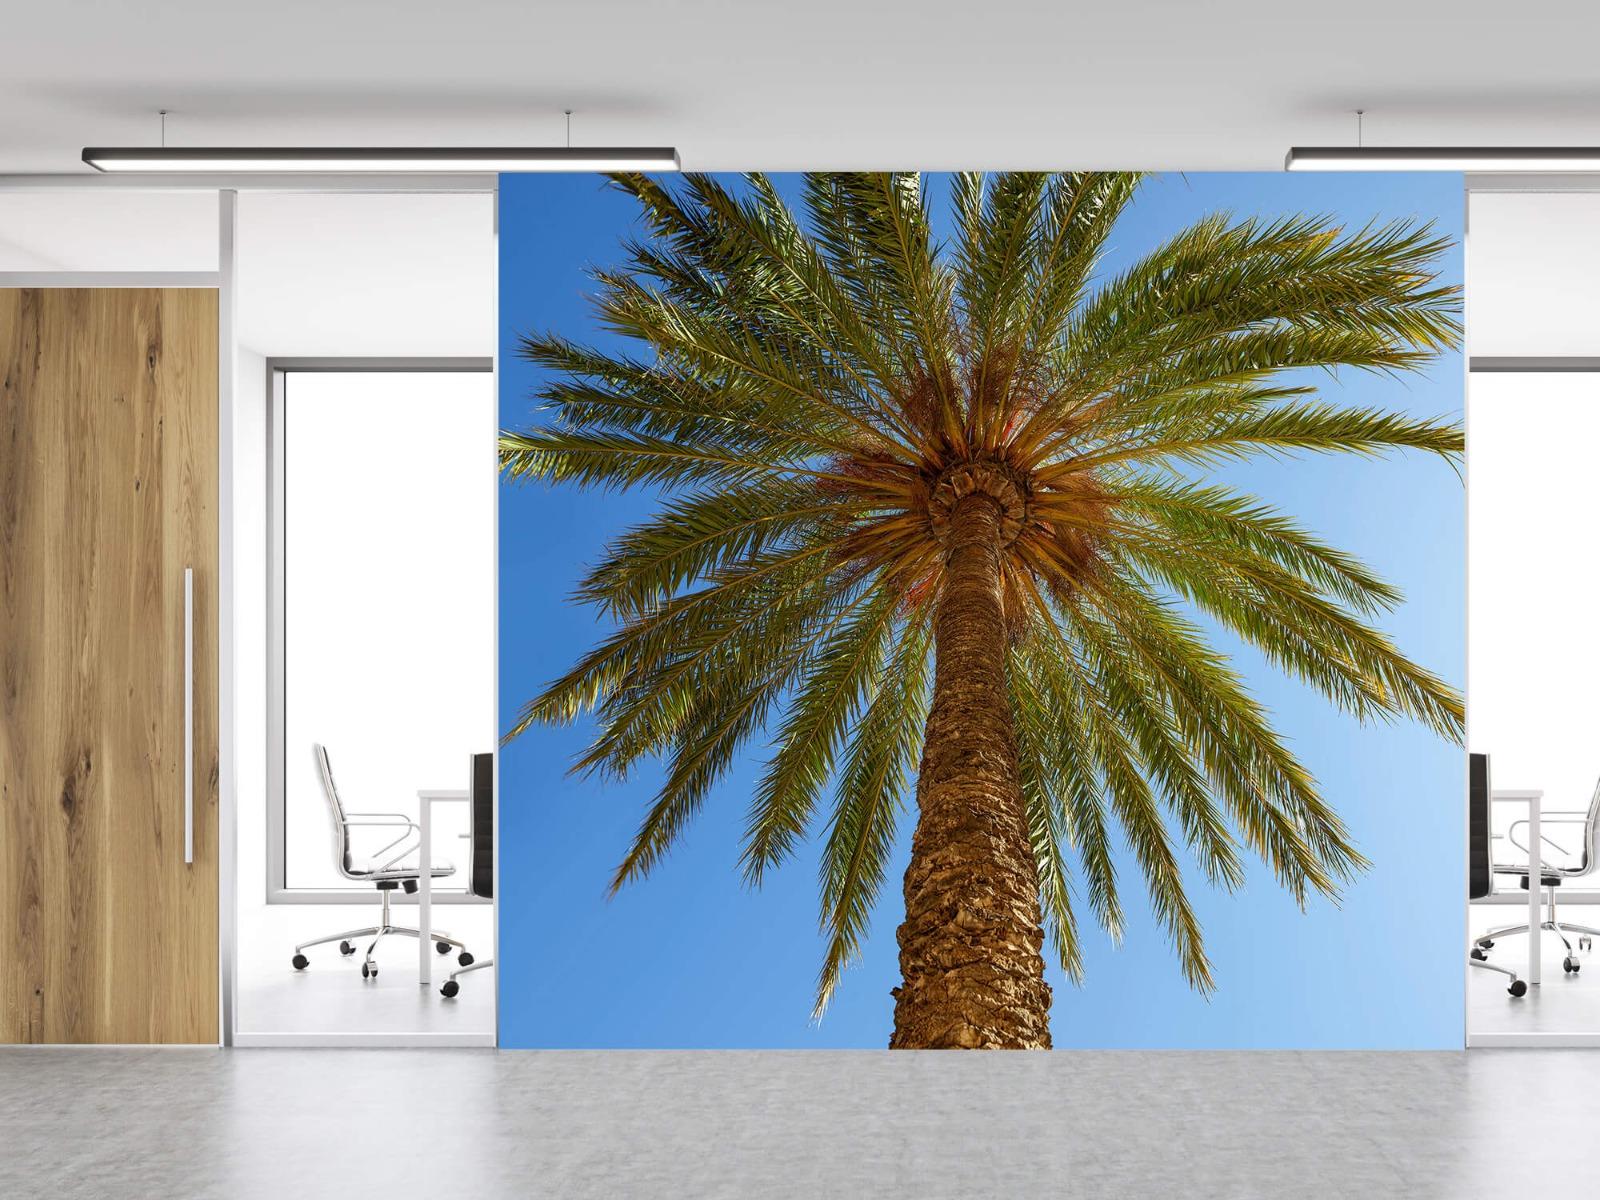 Palmbomen - Gedetailleerde Palmboom - Slaapkamer 12